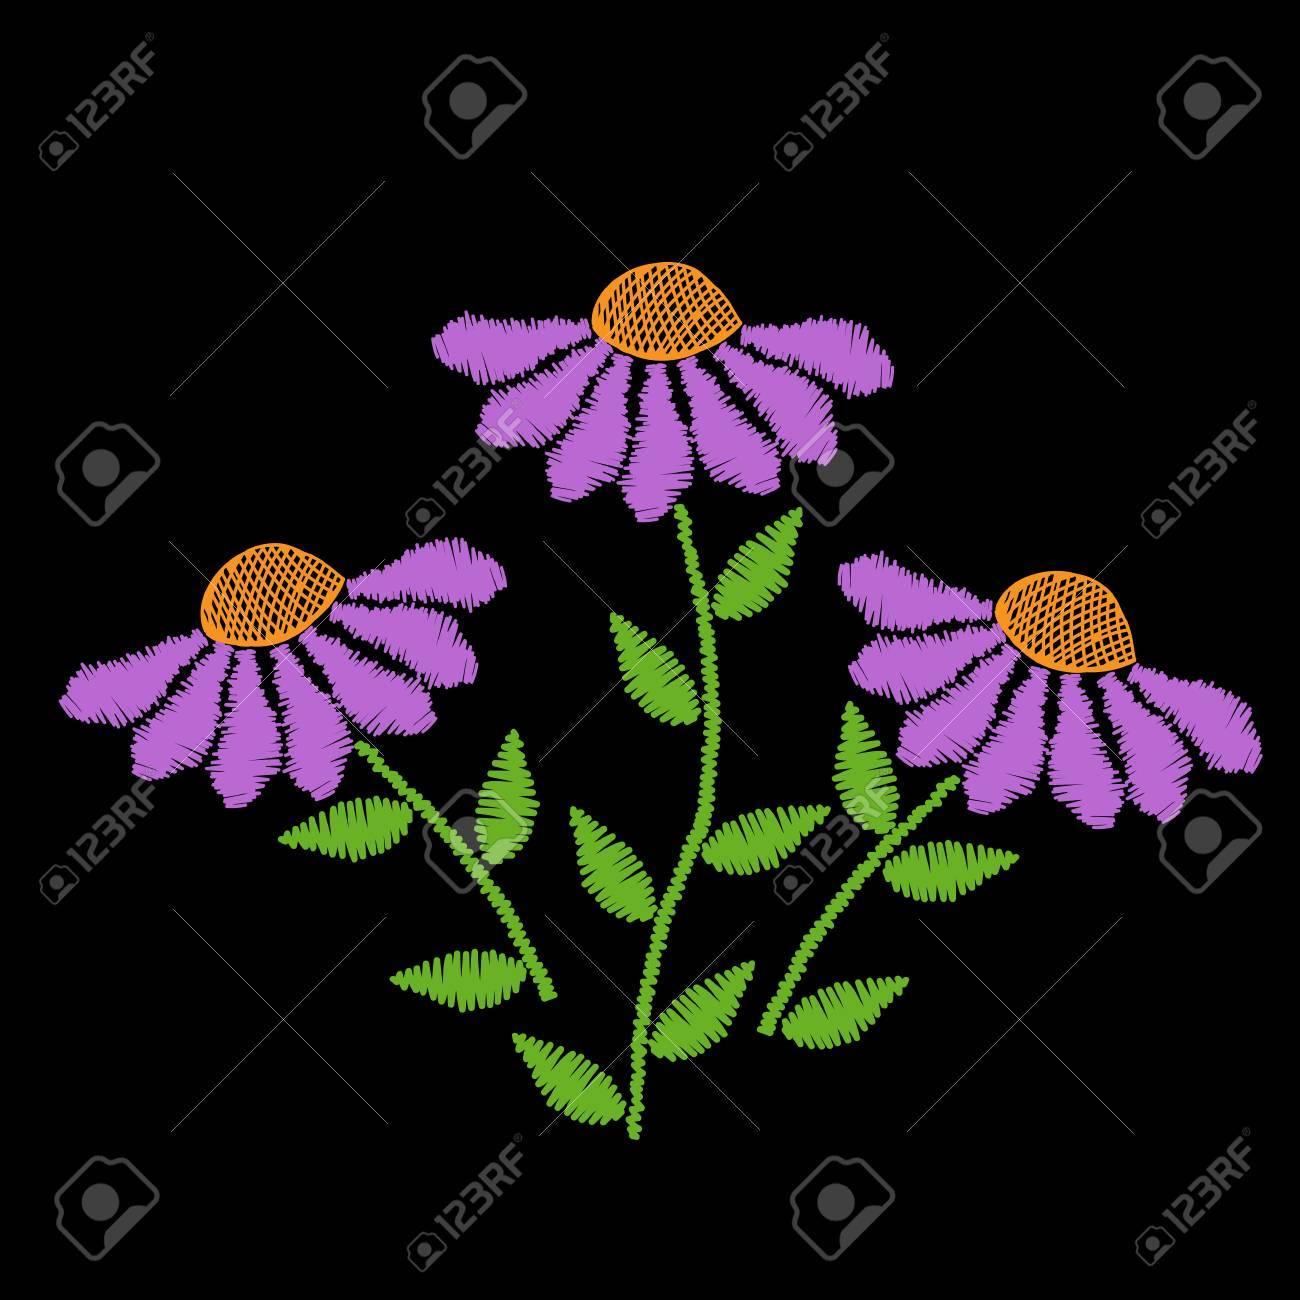 El Bordado Sutura La Flor De Imitación Con La Hoja Verde. Patrón Floral Del  Bordado En El Fondo Negro. Vector De La Plantilla De Bordado Para La  Impresión ... 2f05c877d0dbe